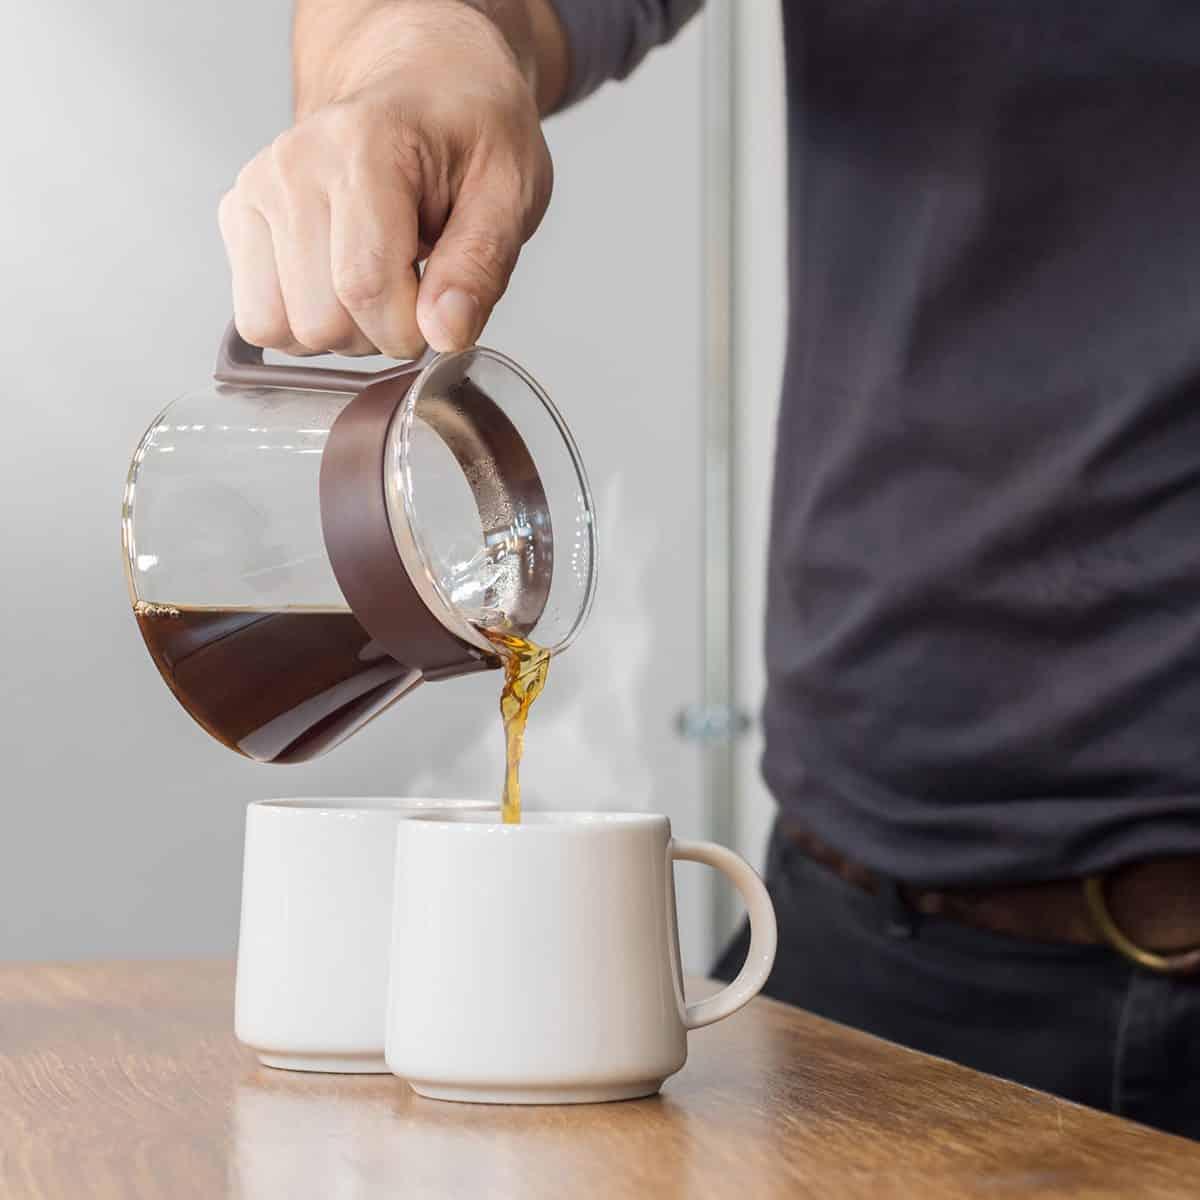 EL HOMBRE ESTÁ VERTIENDO CAFÉ CALIENTE DE LA CAFETERA EN EL CAFÉ CON LECHE EN LA MESA DE MADERA POR LA MAÑANA